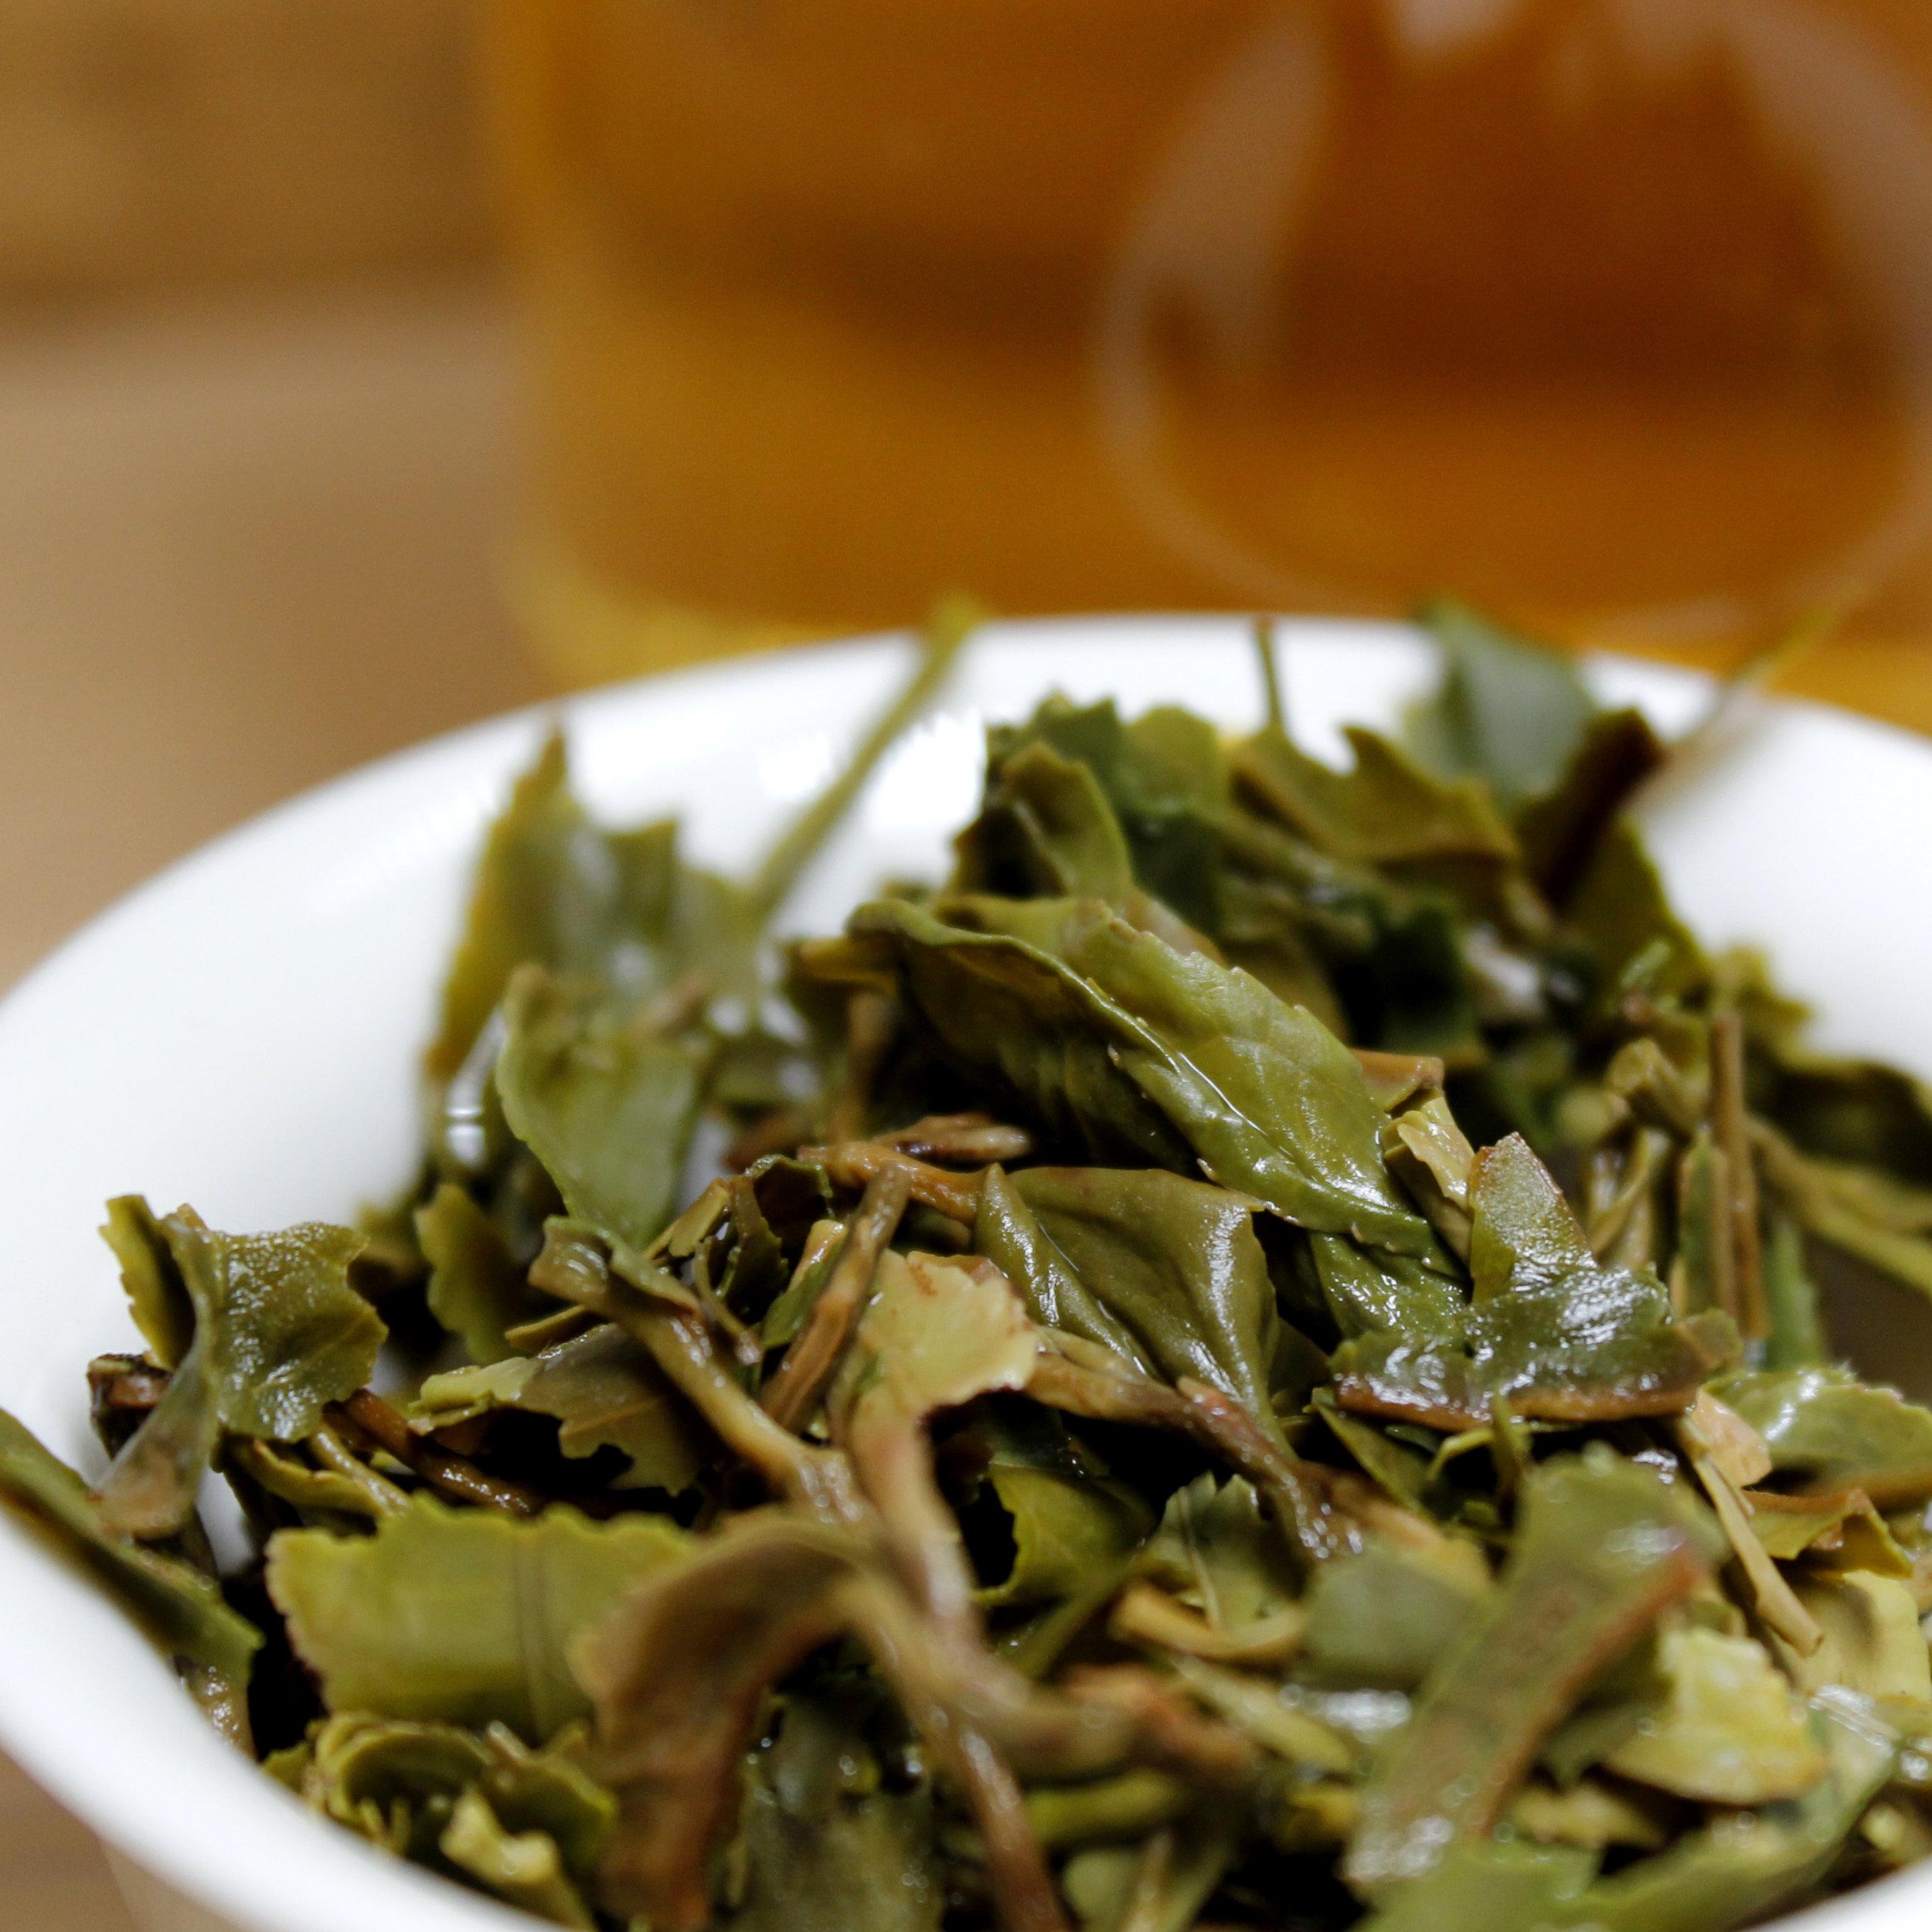 darjeeling-1st-flush-arya-estate-black-whole-leaf-tea-itw2.jpg